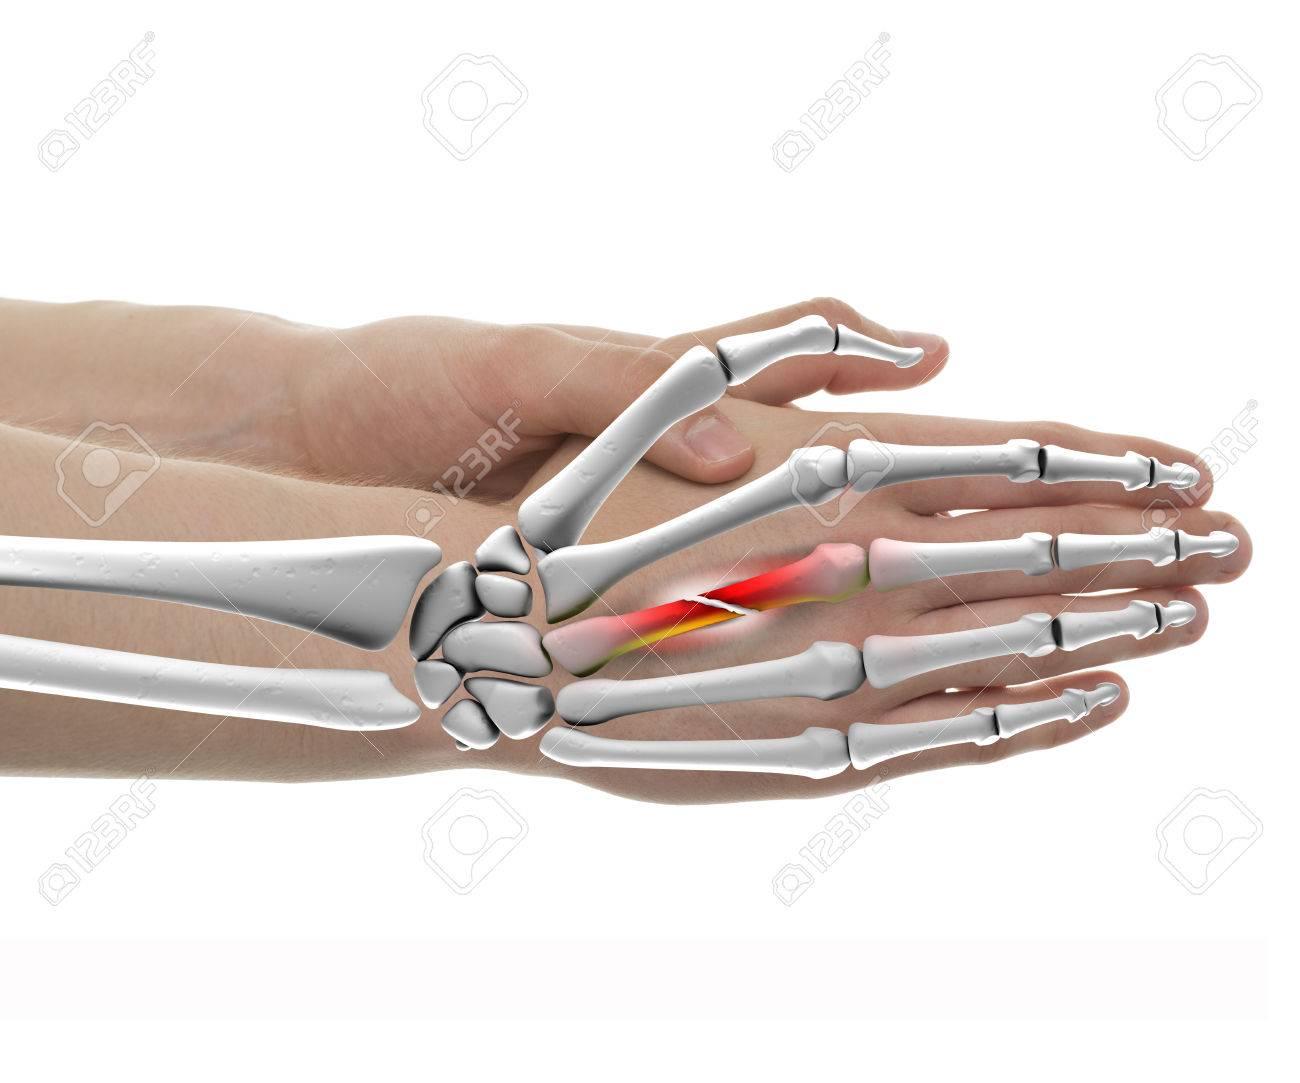 Hand Gebrochenen Knochen Male - Studioaufnahme Mit 3D-Darstellung ...